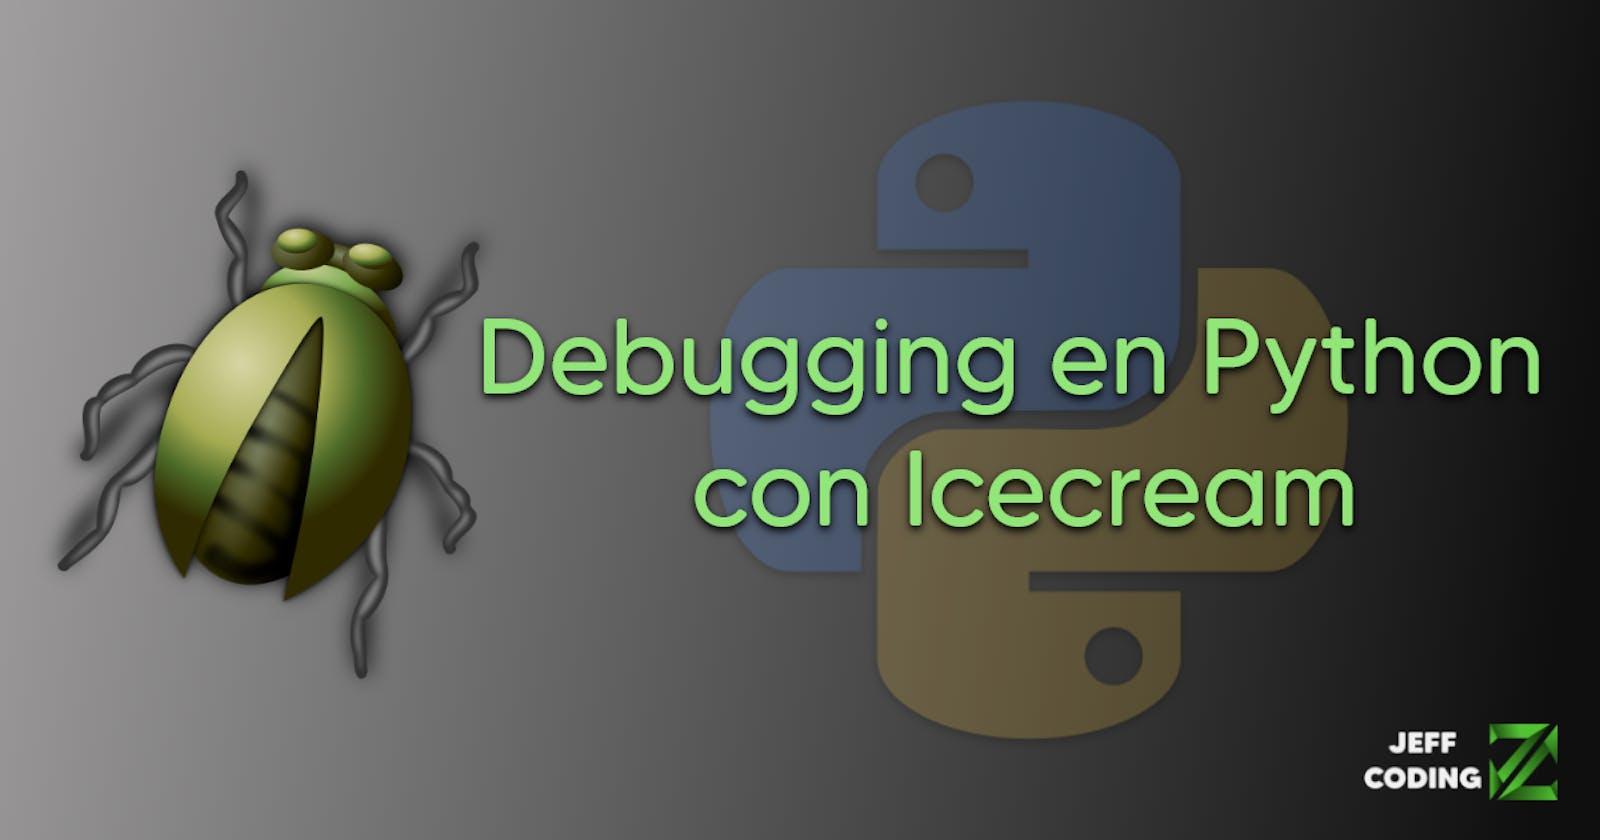 Debugging en Python con Icecream